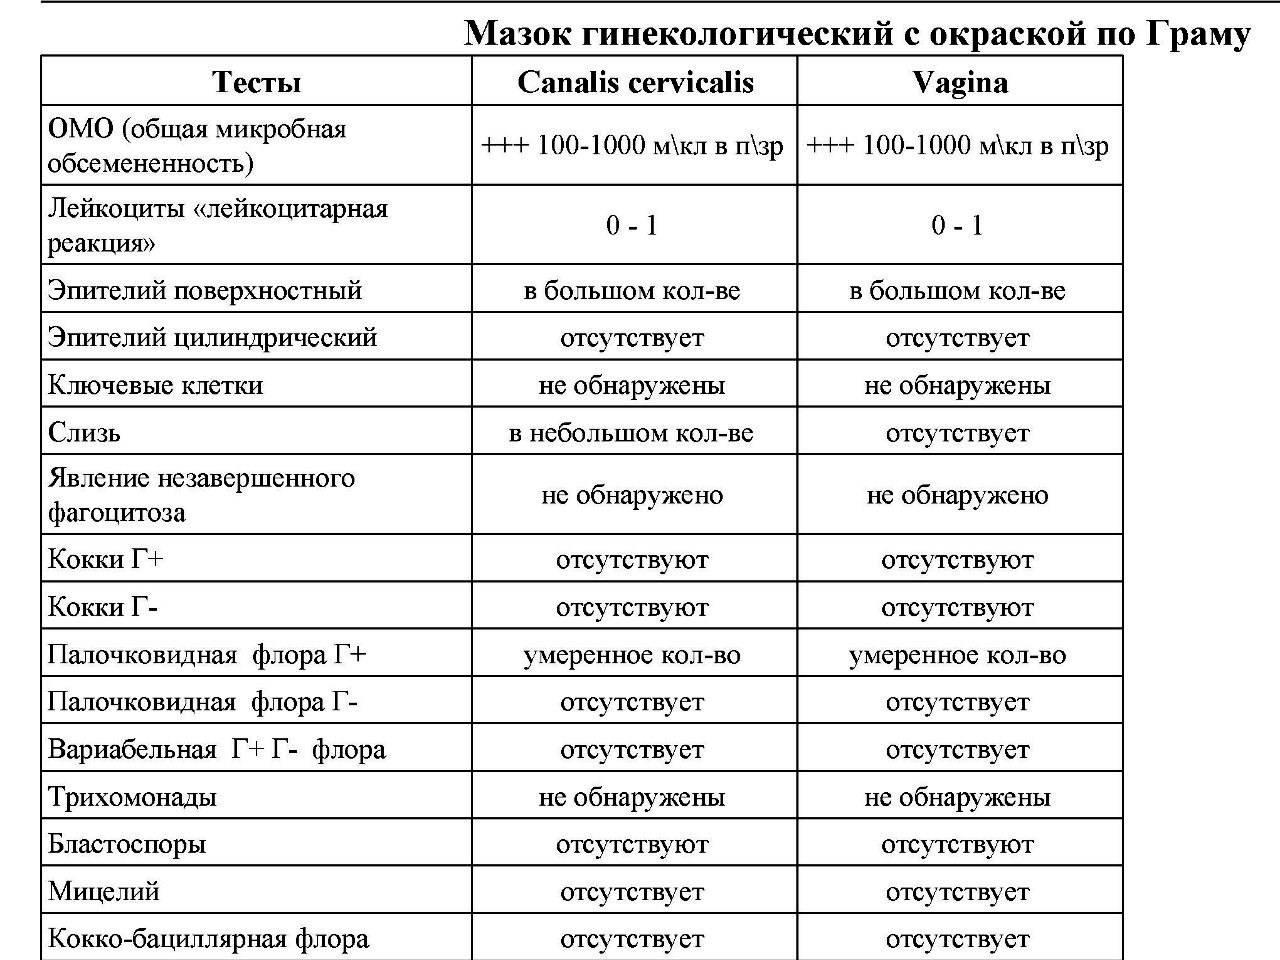 Мазок как метод диагностики: нормы для женщин и мужчин, подготовка к анализу, результаты